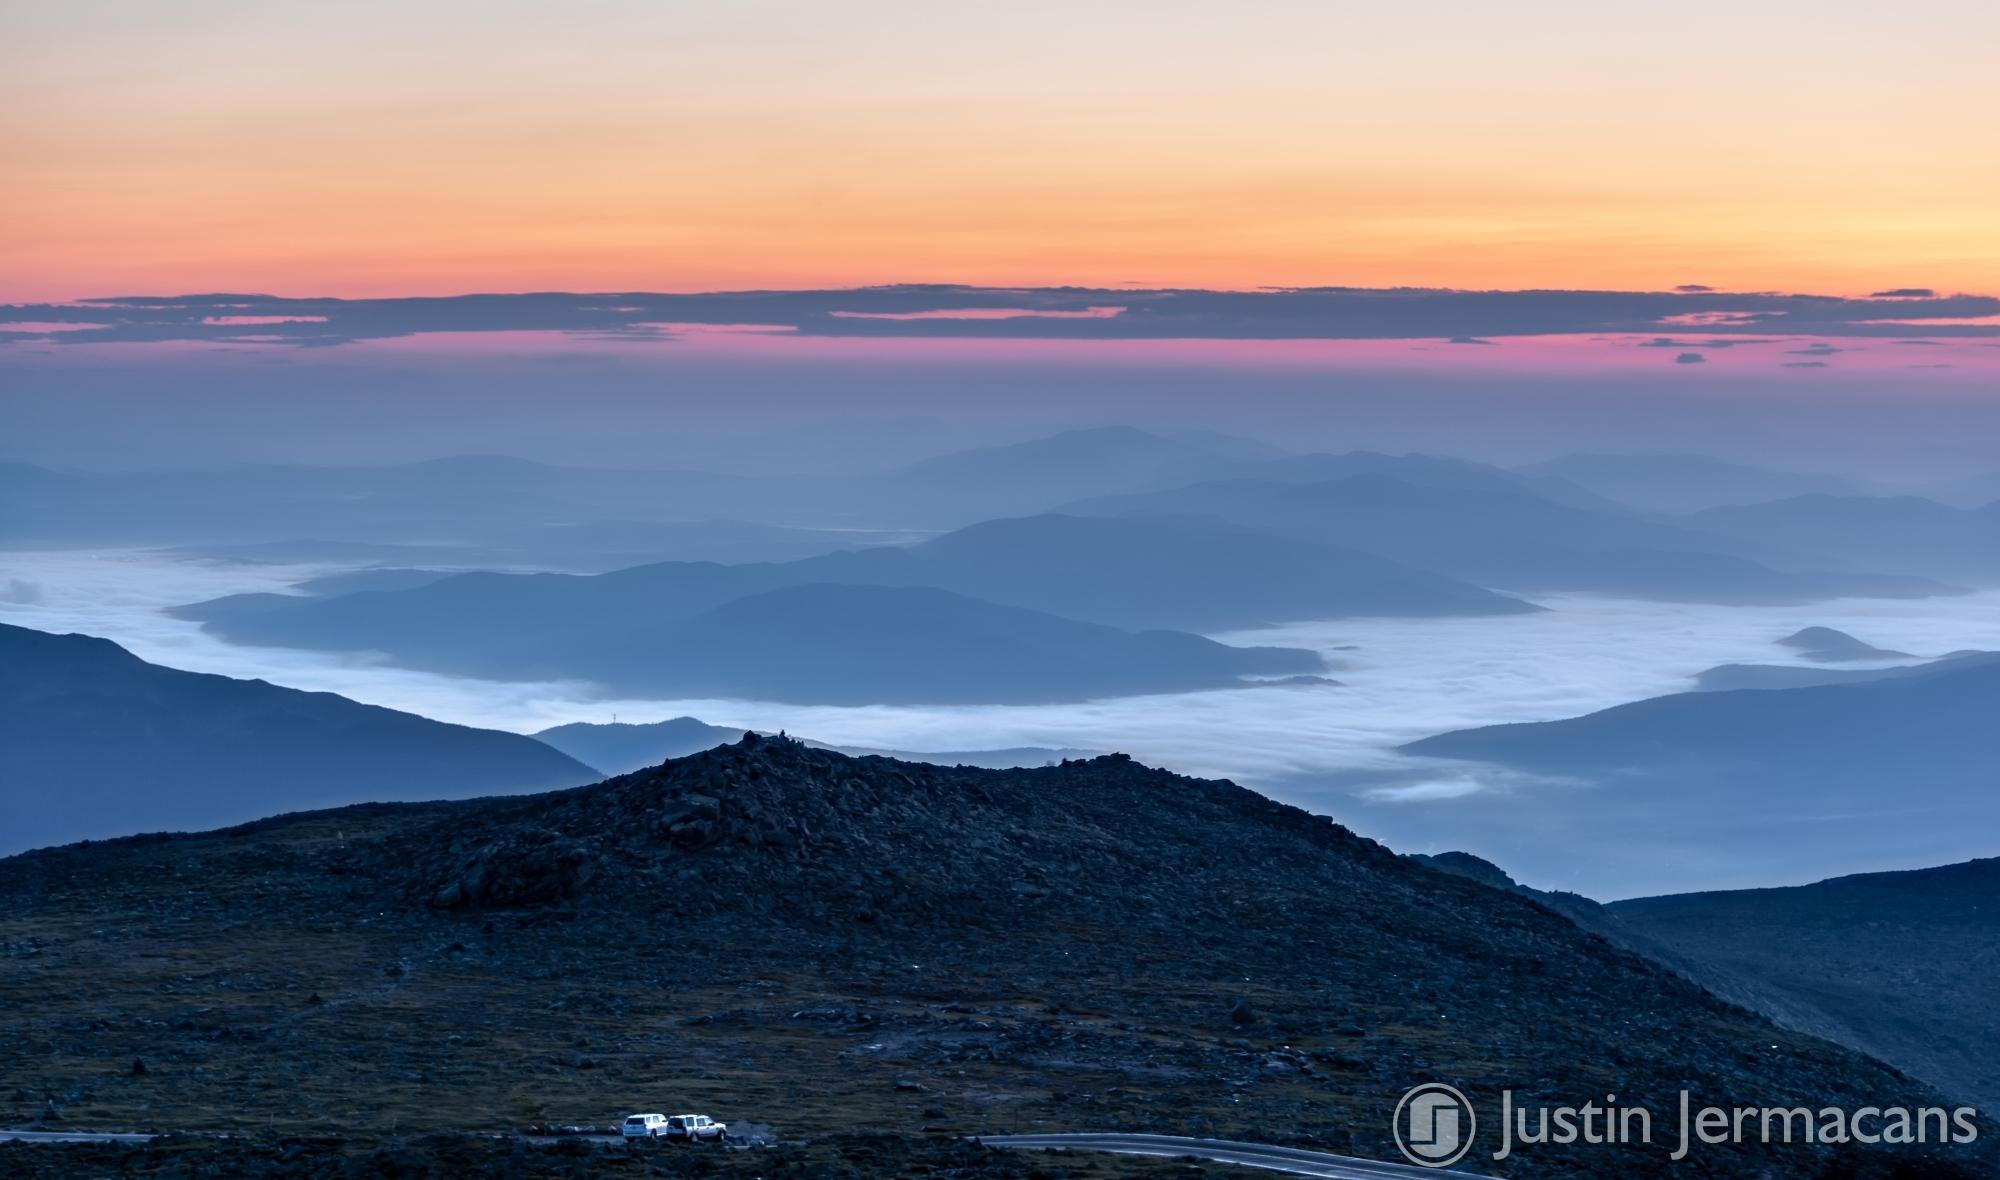 Morning Fog and Sunrise 7/28/19 - Mount Washington, NH